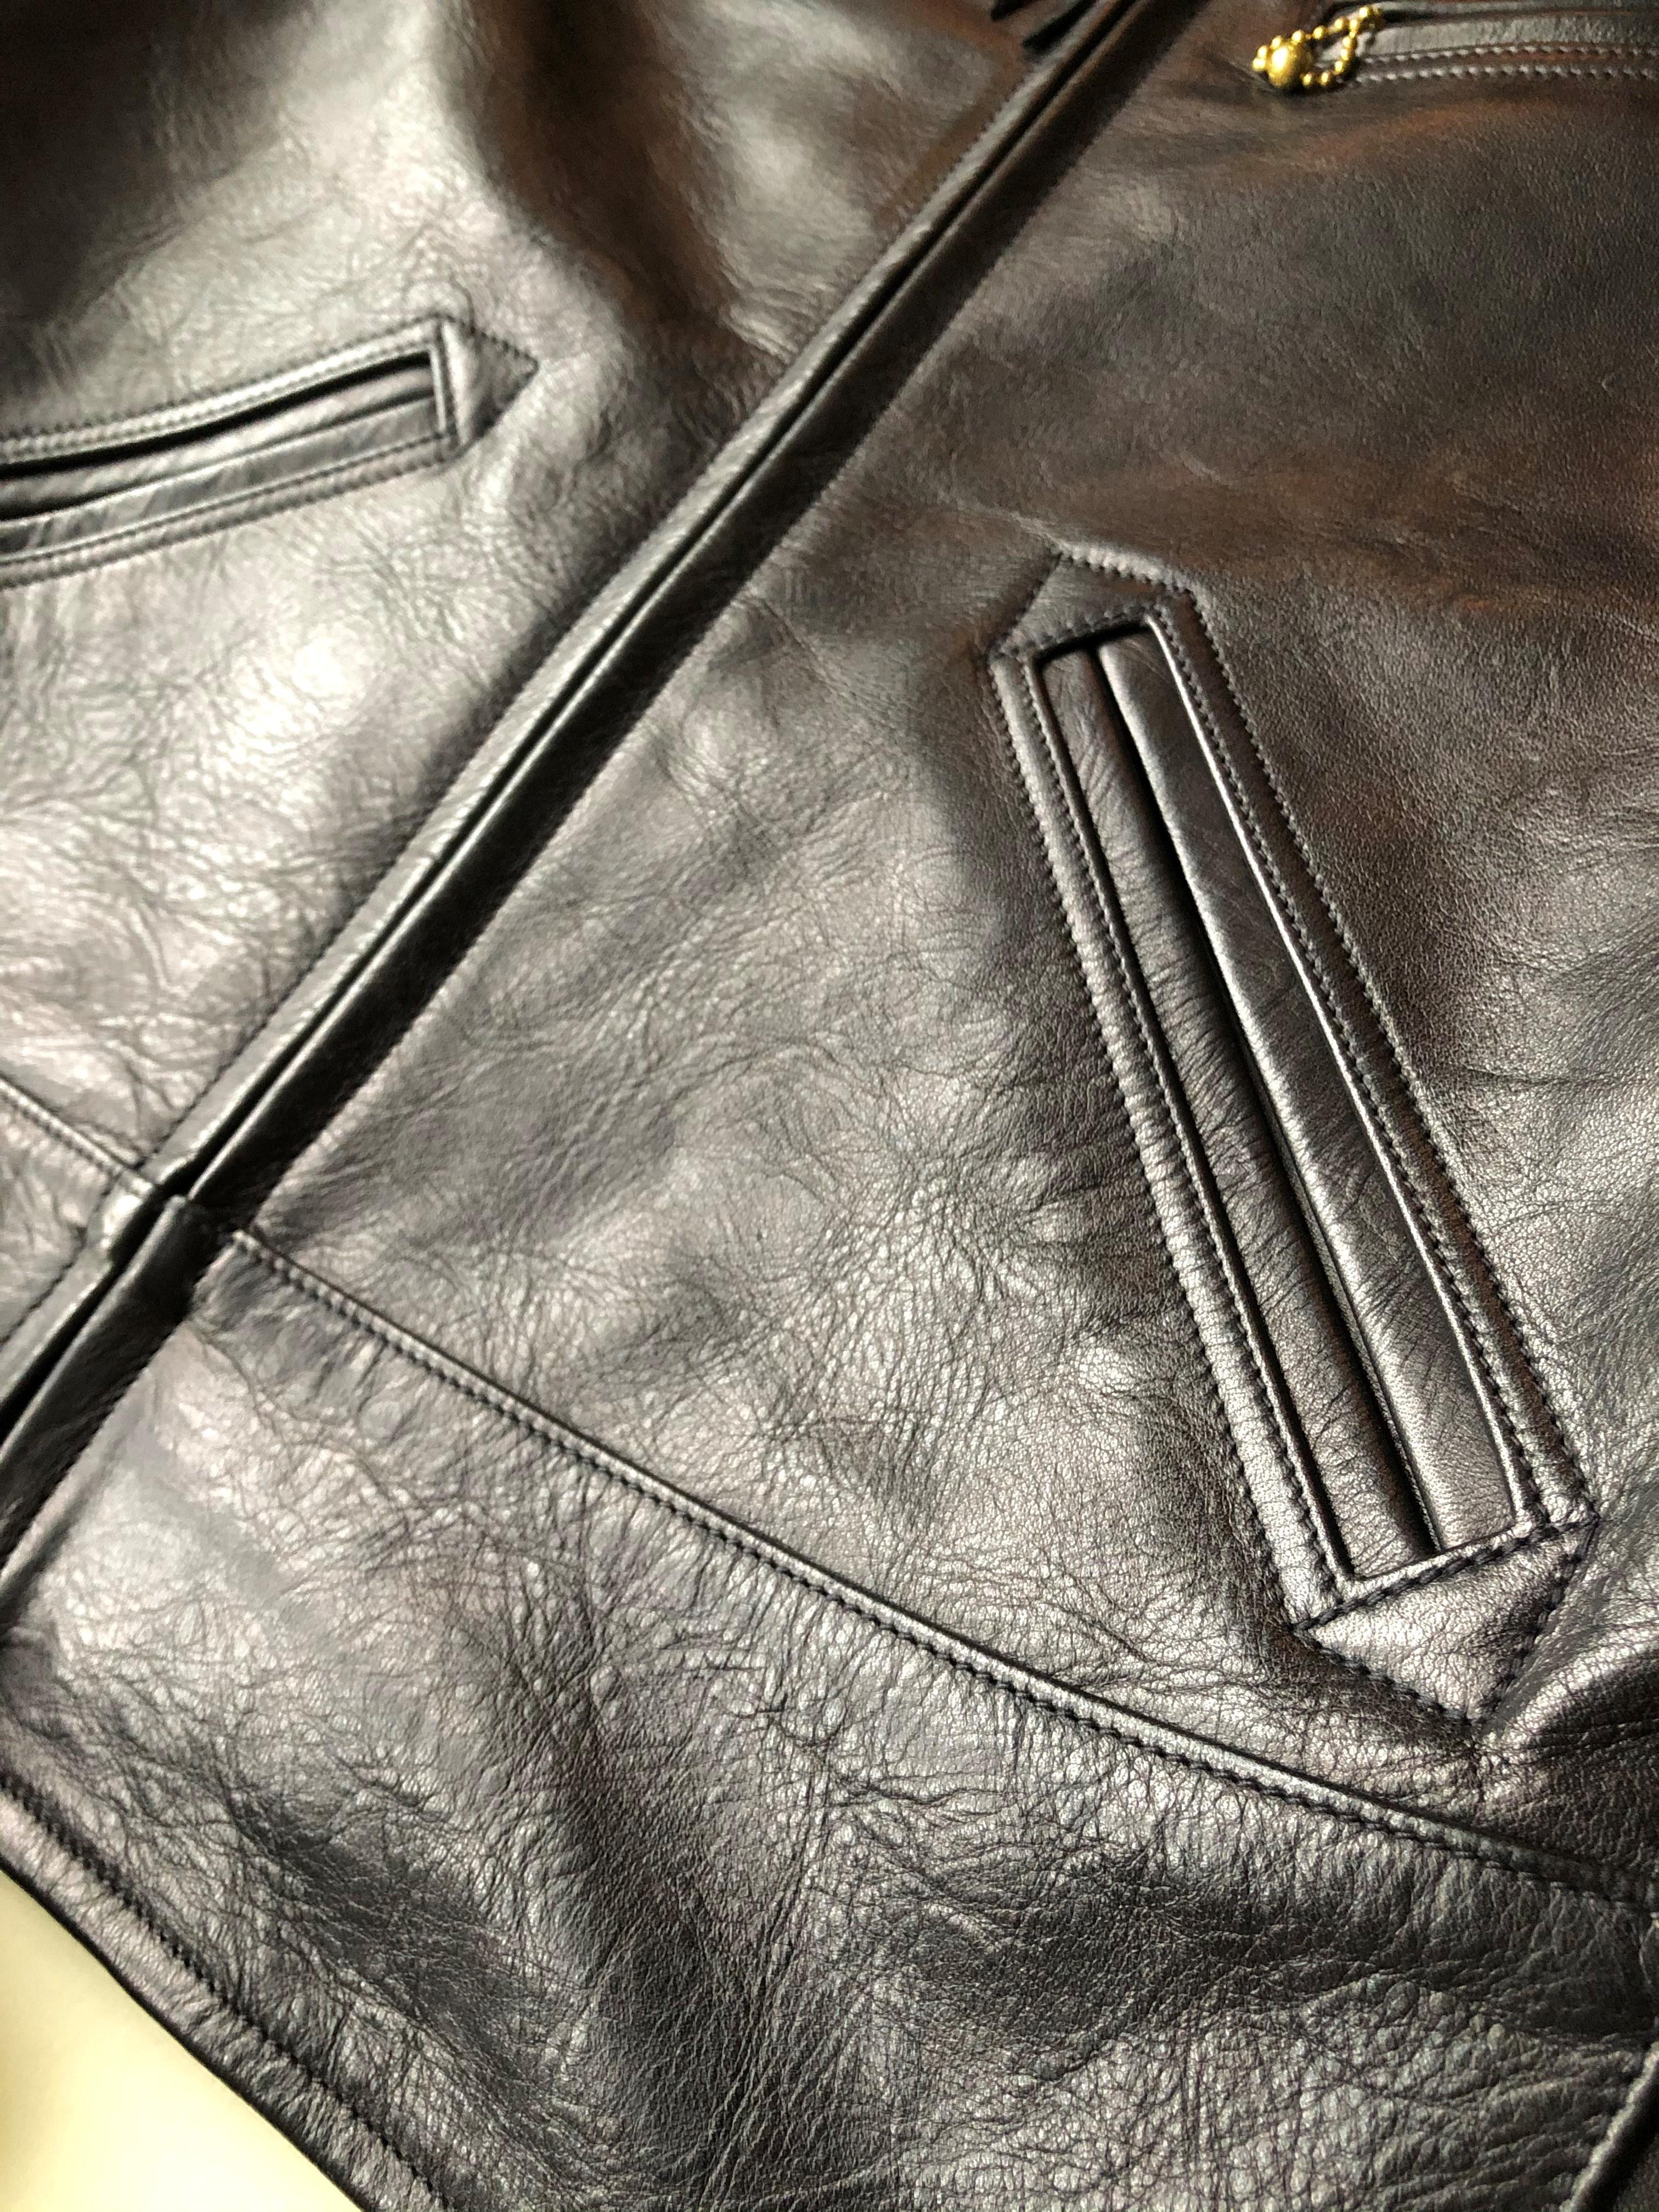 Handwarmer pockets.jpg